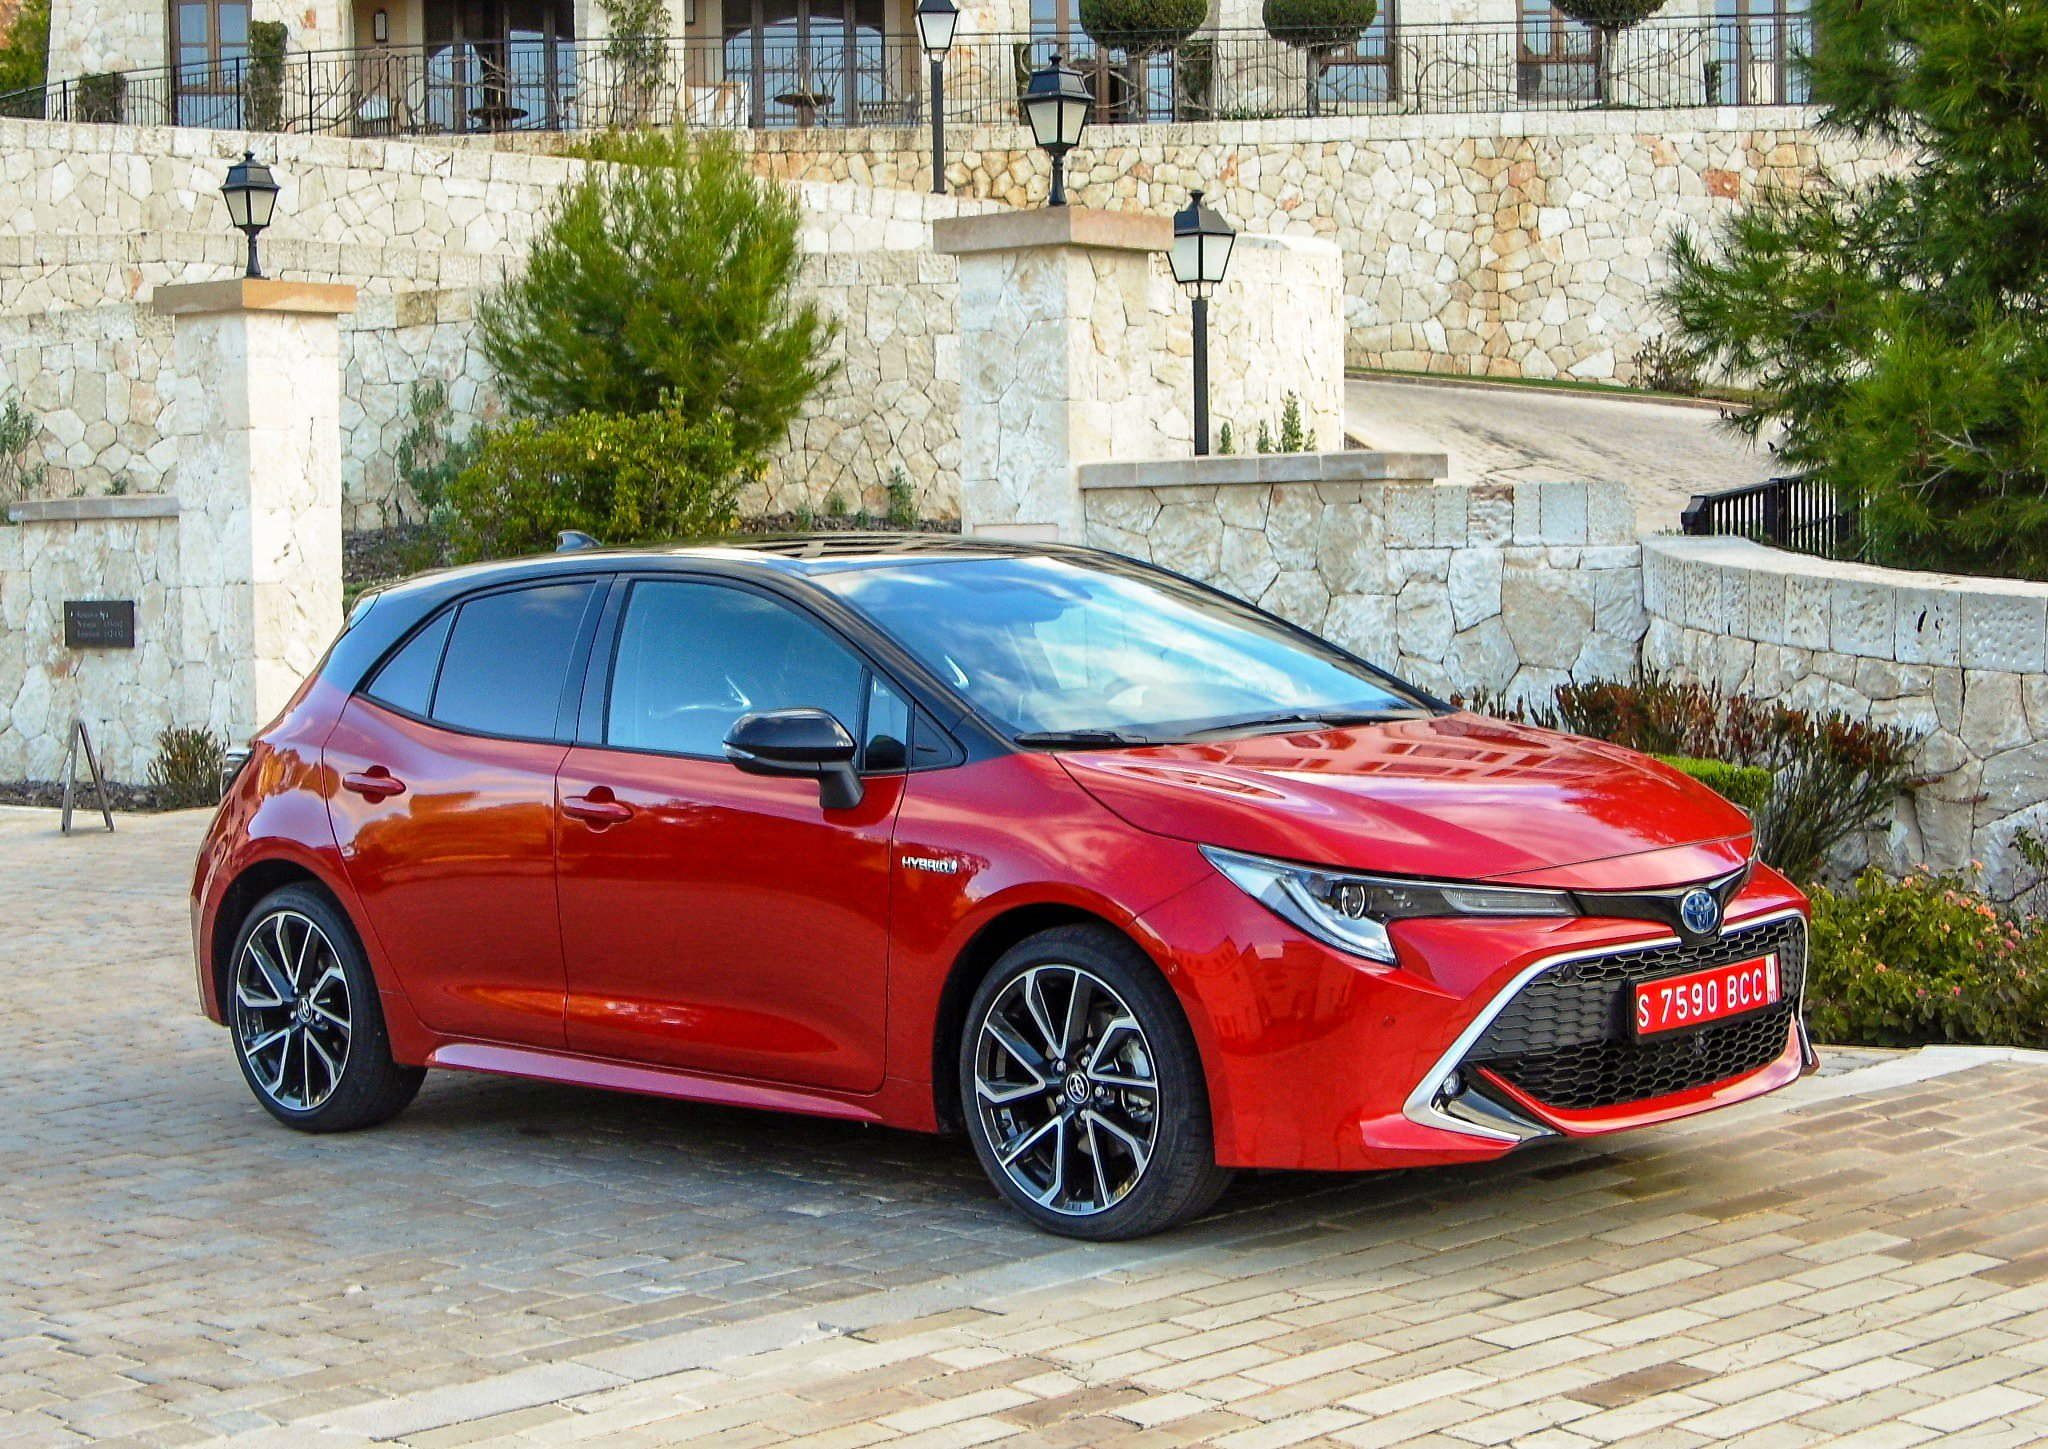 Toyota Corolla Hatchback side